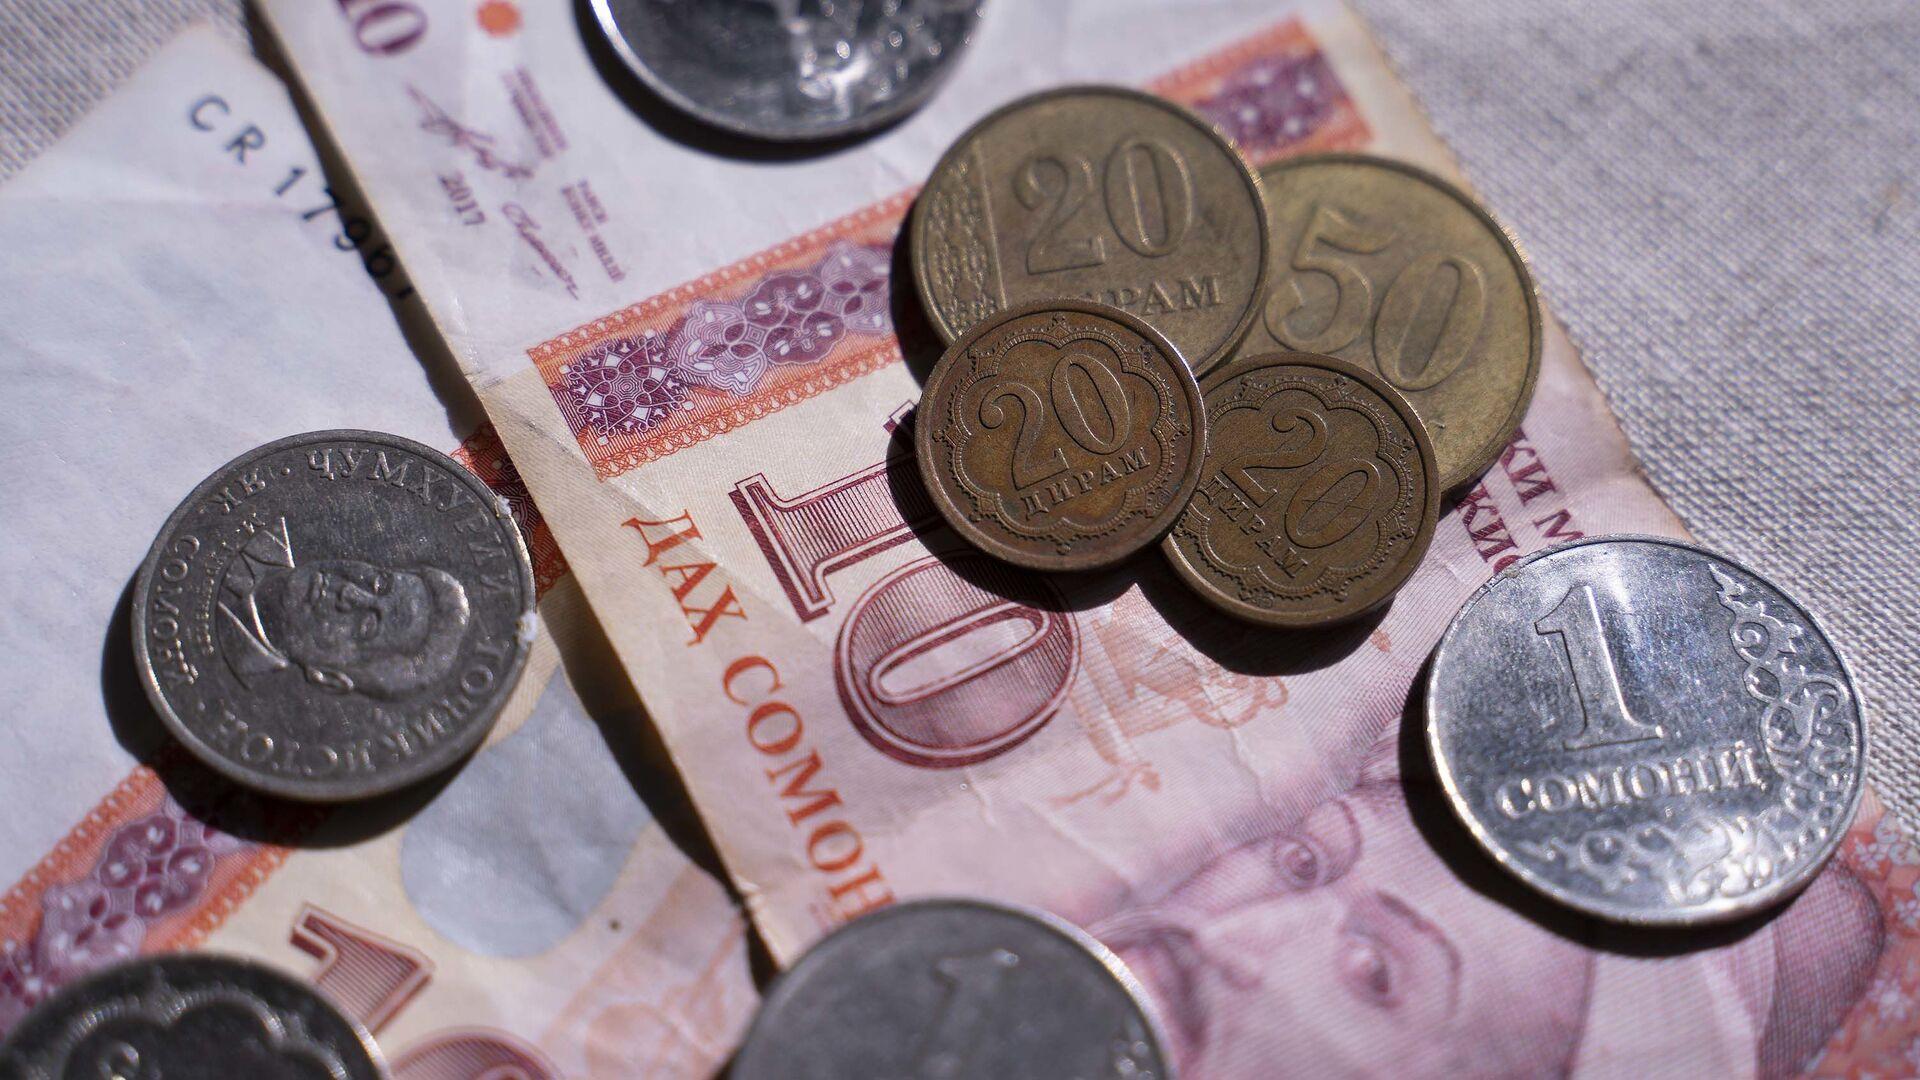 Таджикские деньги, архивное фото - Sputnik Таджикистан, 1920, 26.08.2021